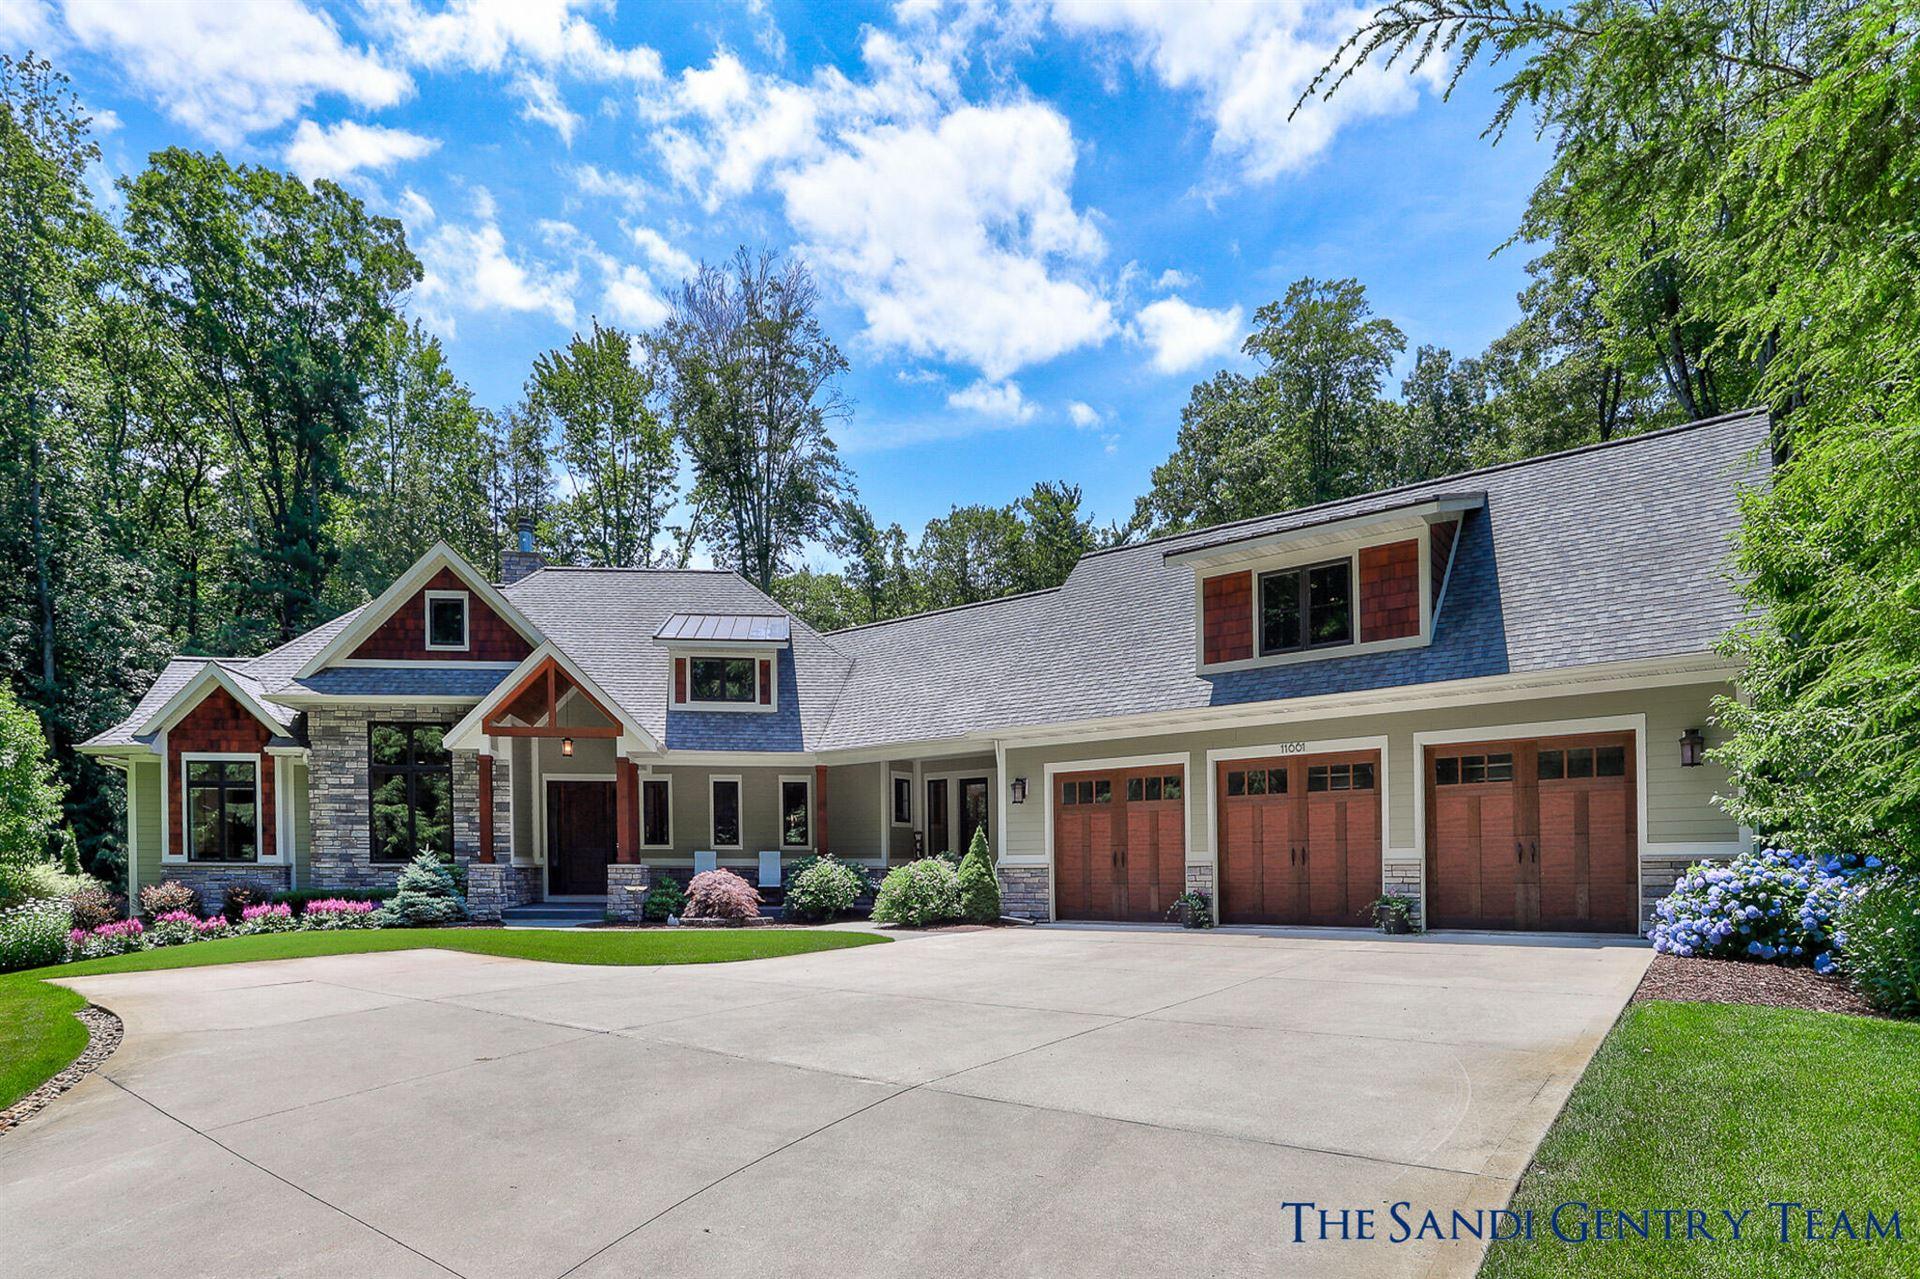 Photo of 11661 Connor Drive, Grand Haven, MI 49417 (MLS # 21027541)